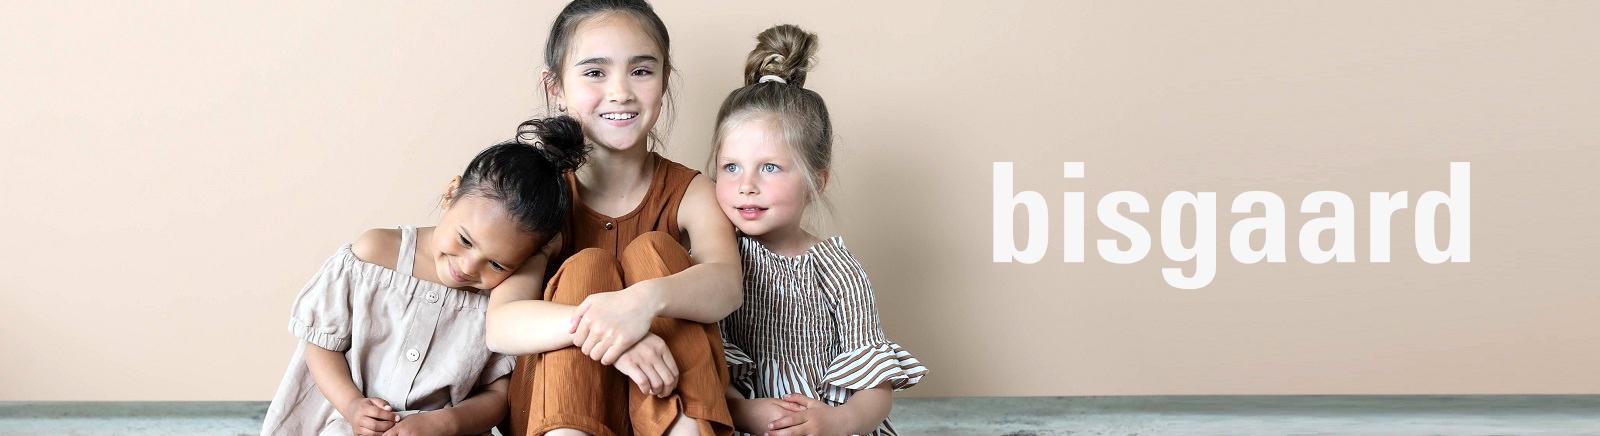 Gisy: Bisgaard Ballerinas für Kinder online shoppen